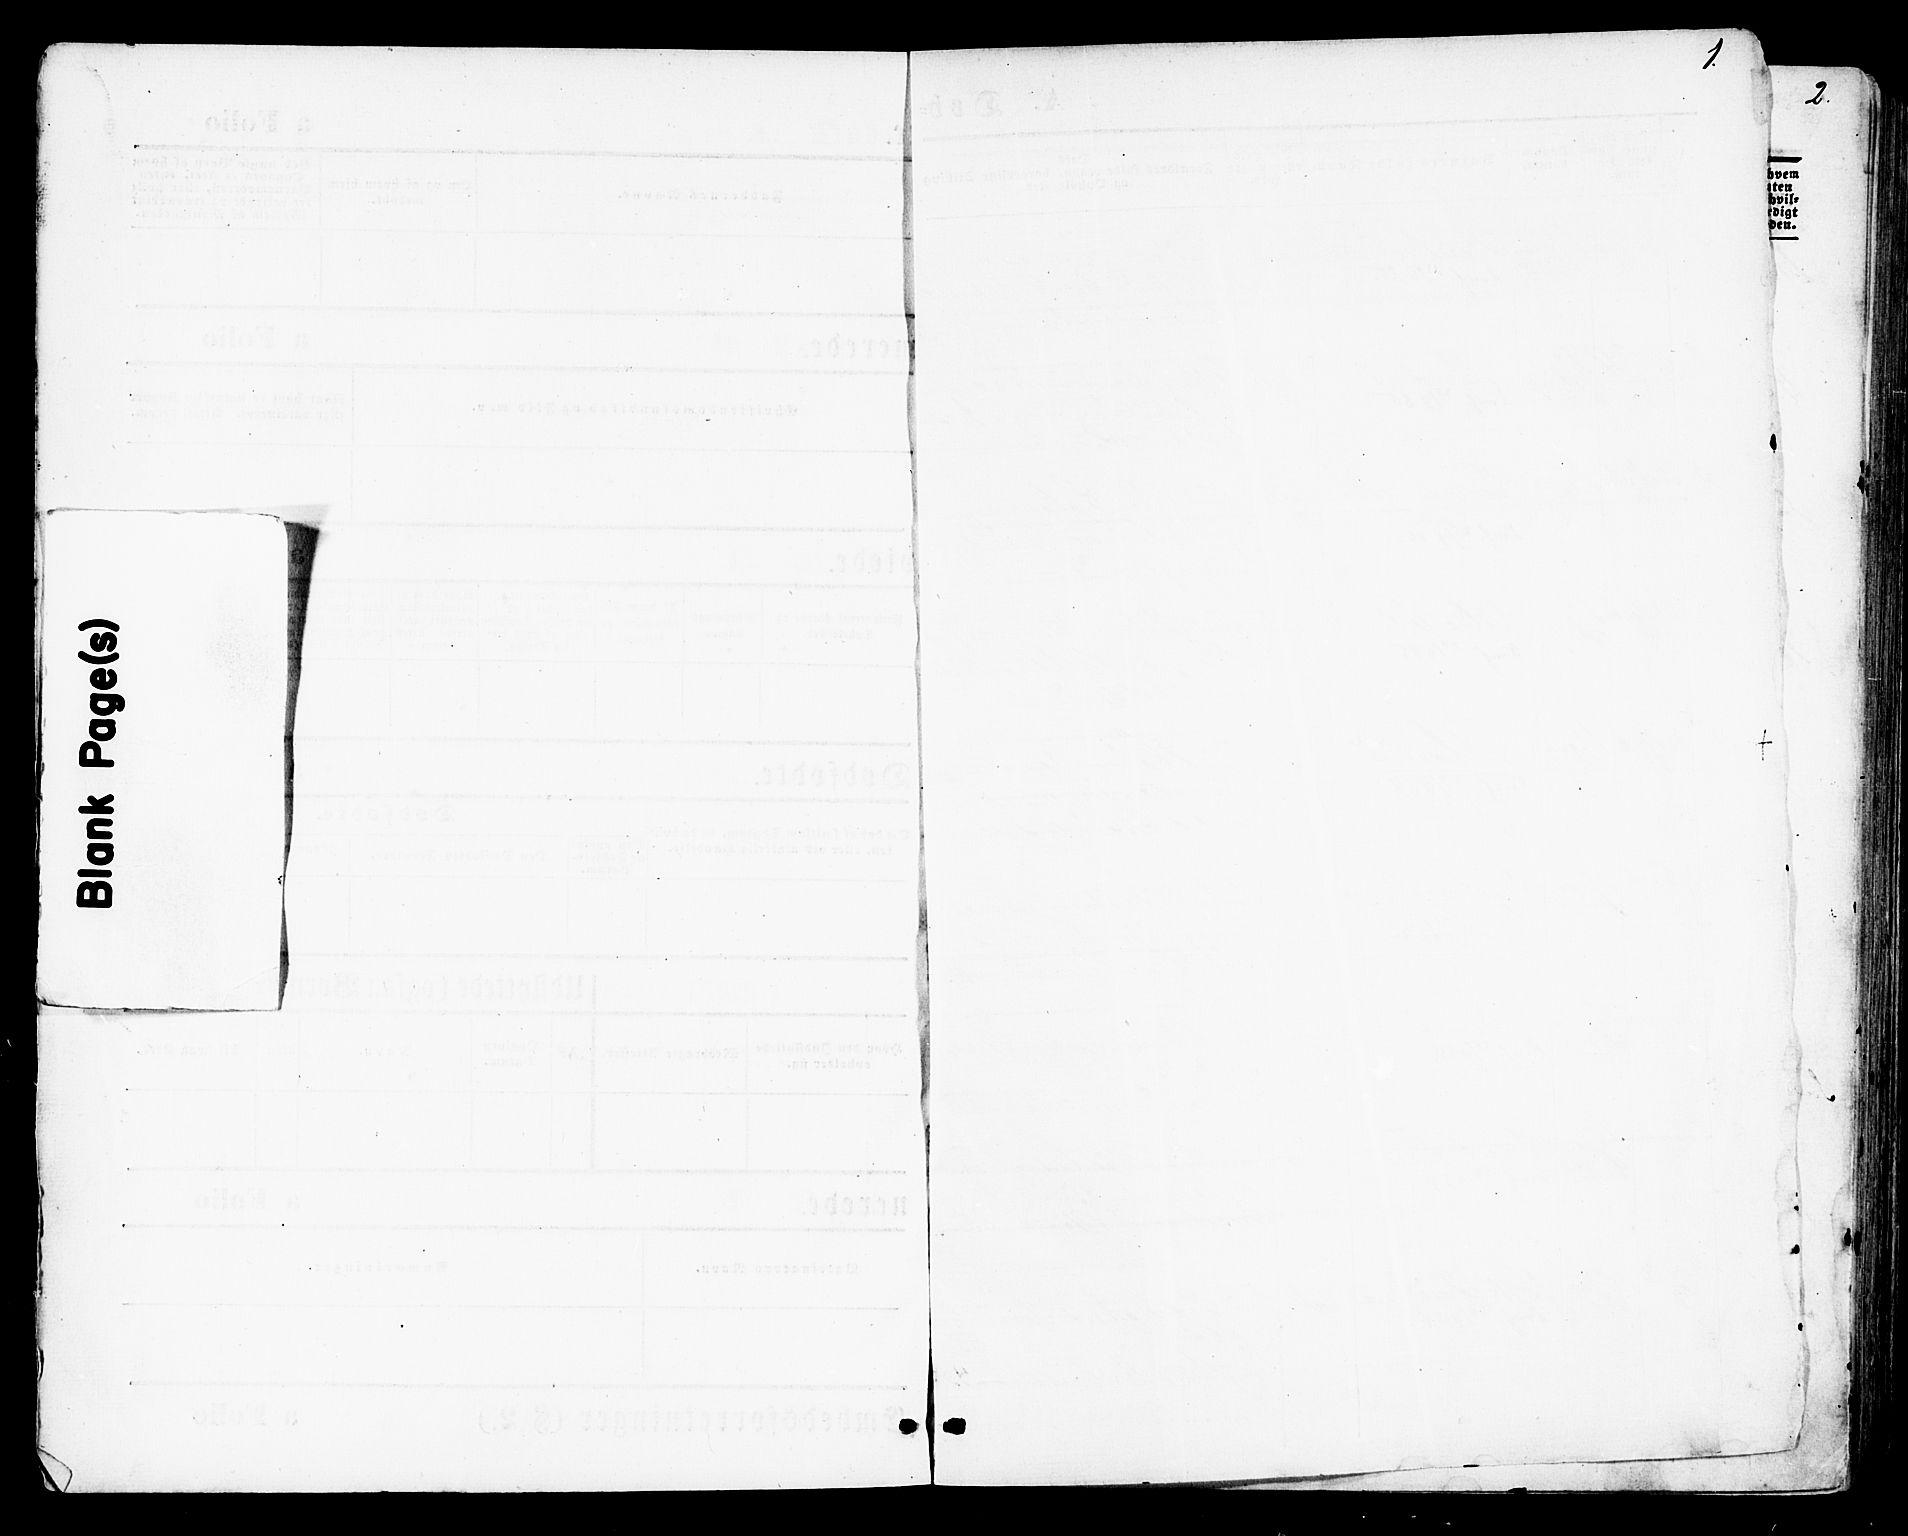 SAT, Ministerialprotokoller, klokkerbøker og fødselsregistre - Nord-Trøndelag, 723/L0242: Ministerialbok nr. 723A11, 1870-1880, s. 1